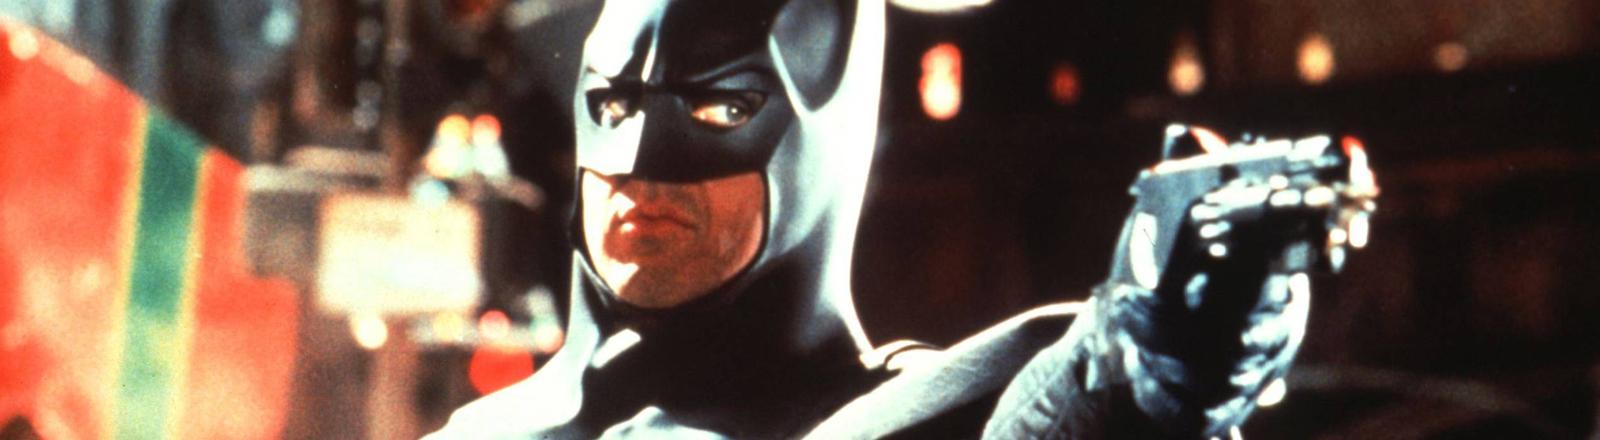 Batman zielt mit einer Pistole